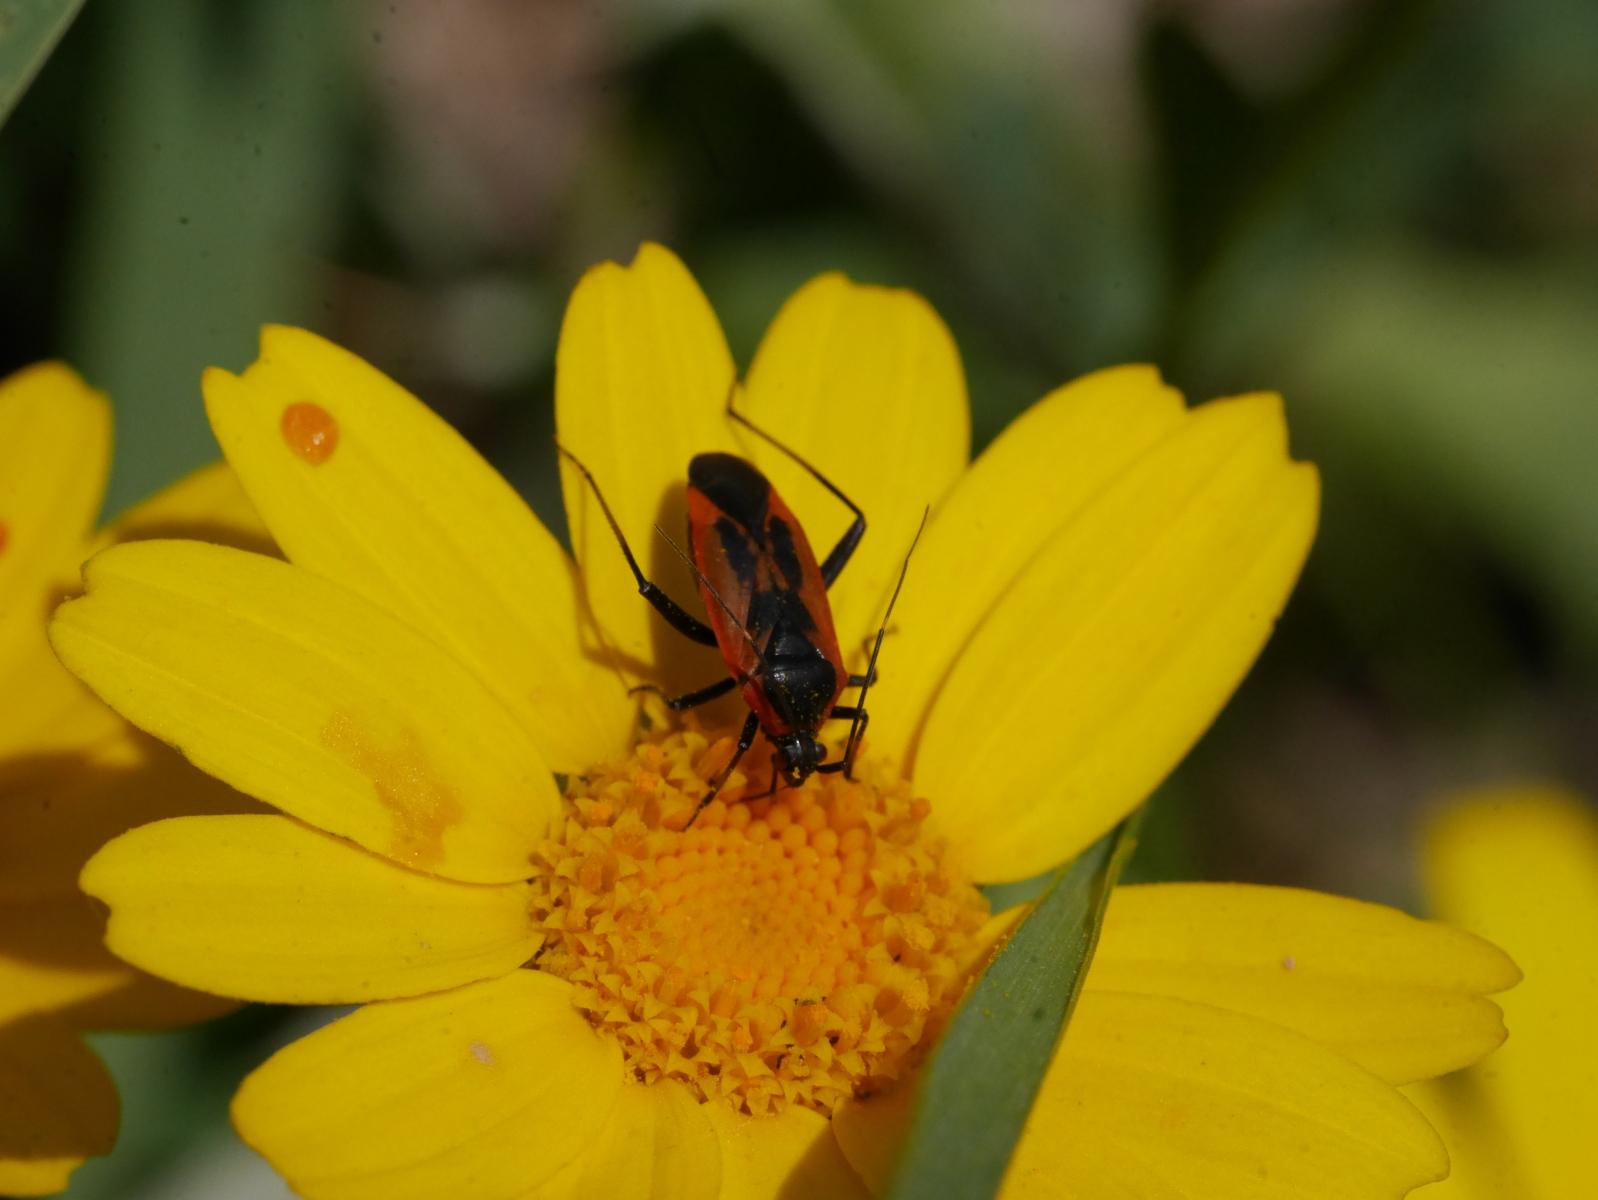 Gelbe Margeritte mit Rot-Schwarzem Käfer